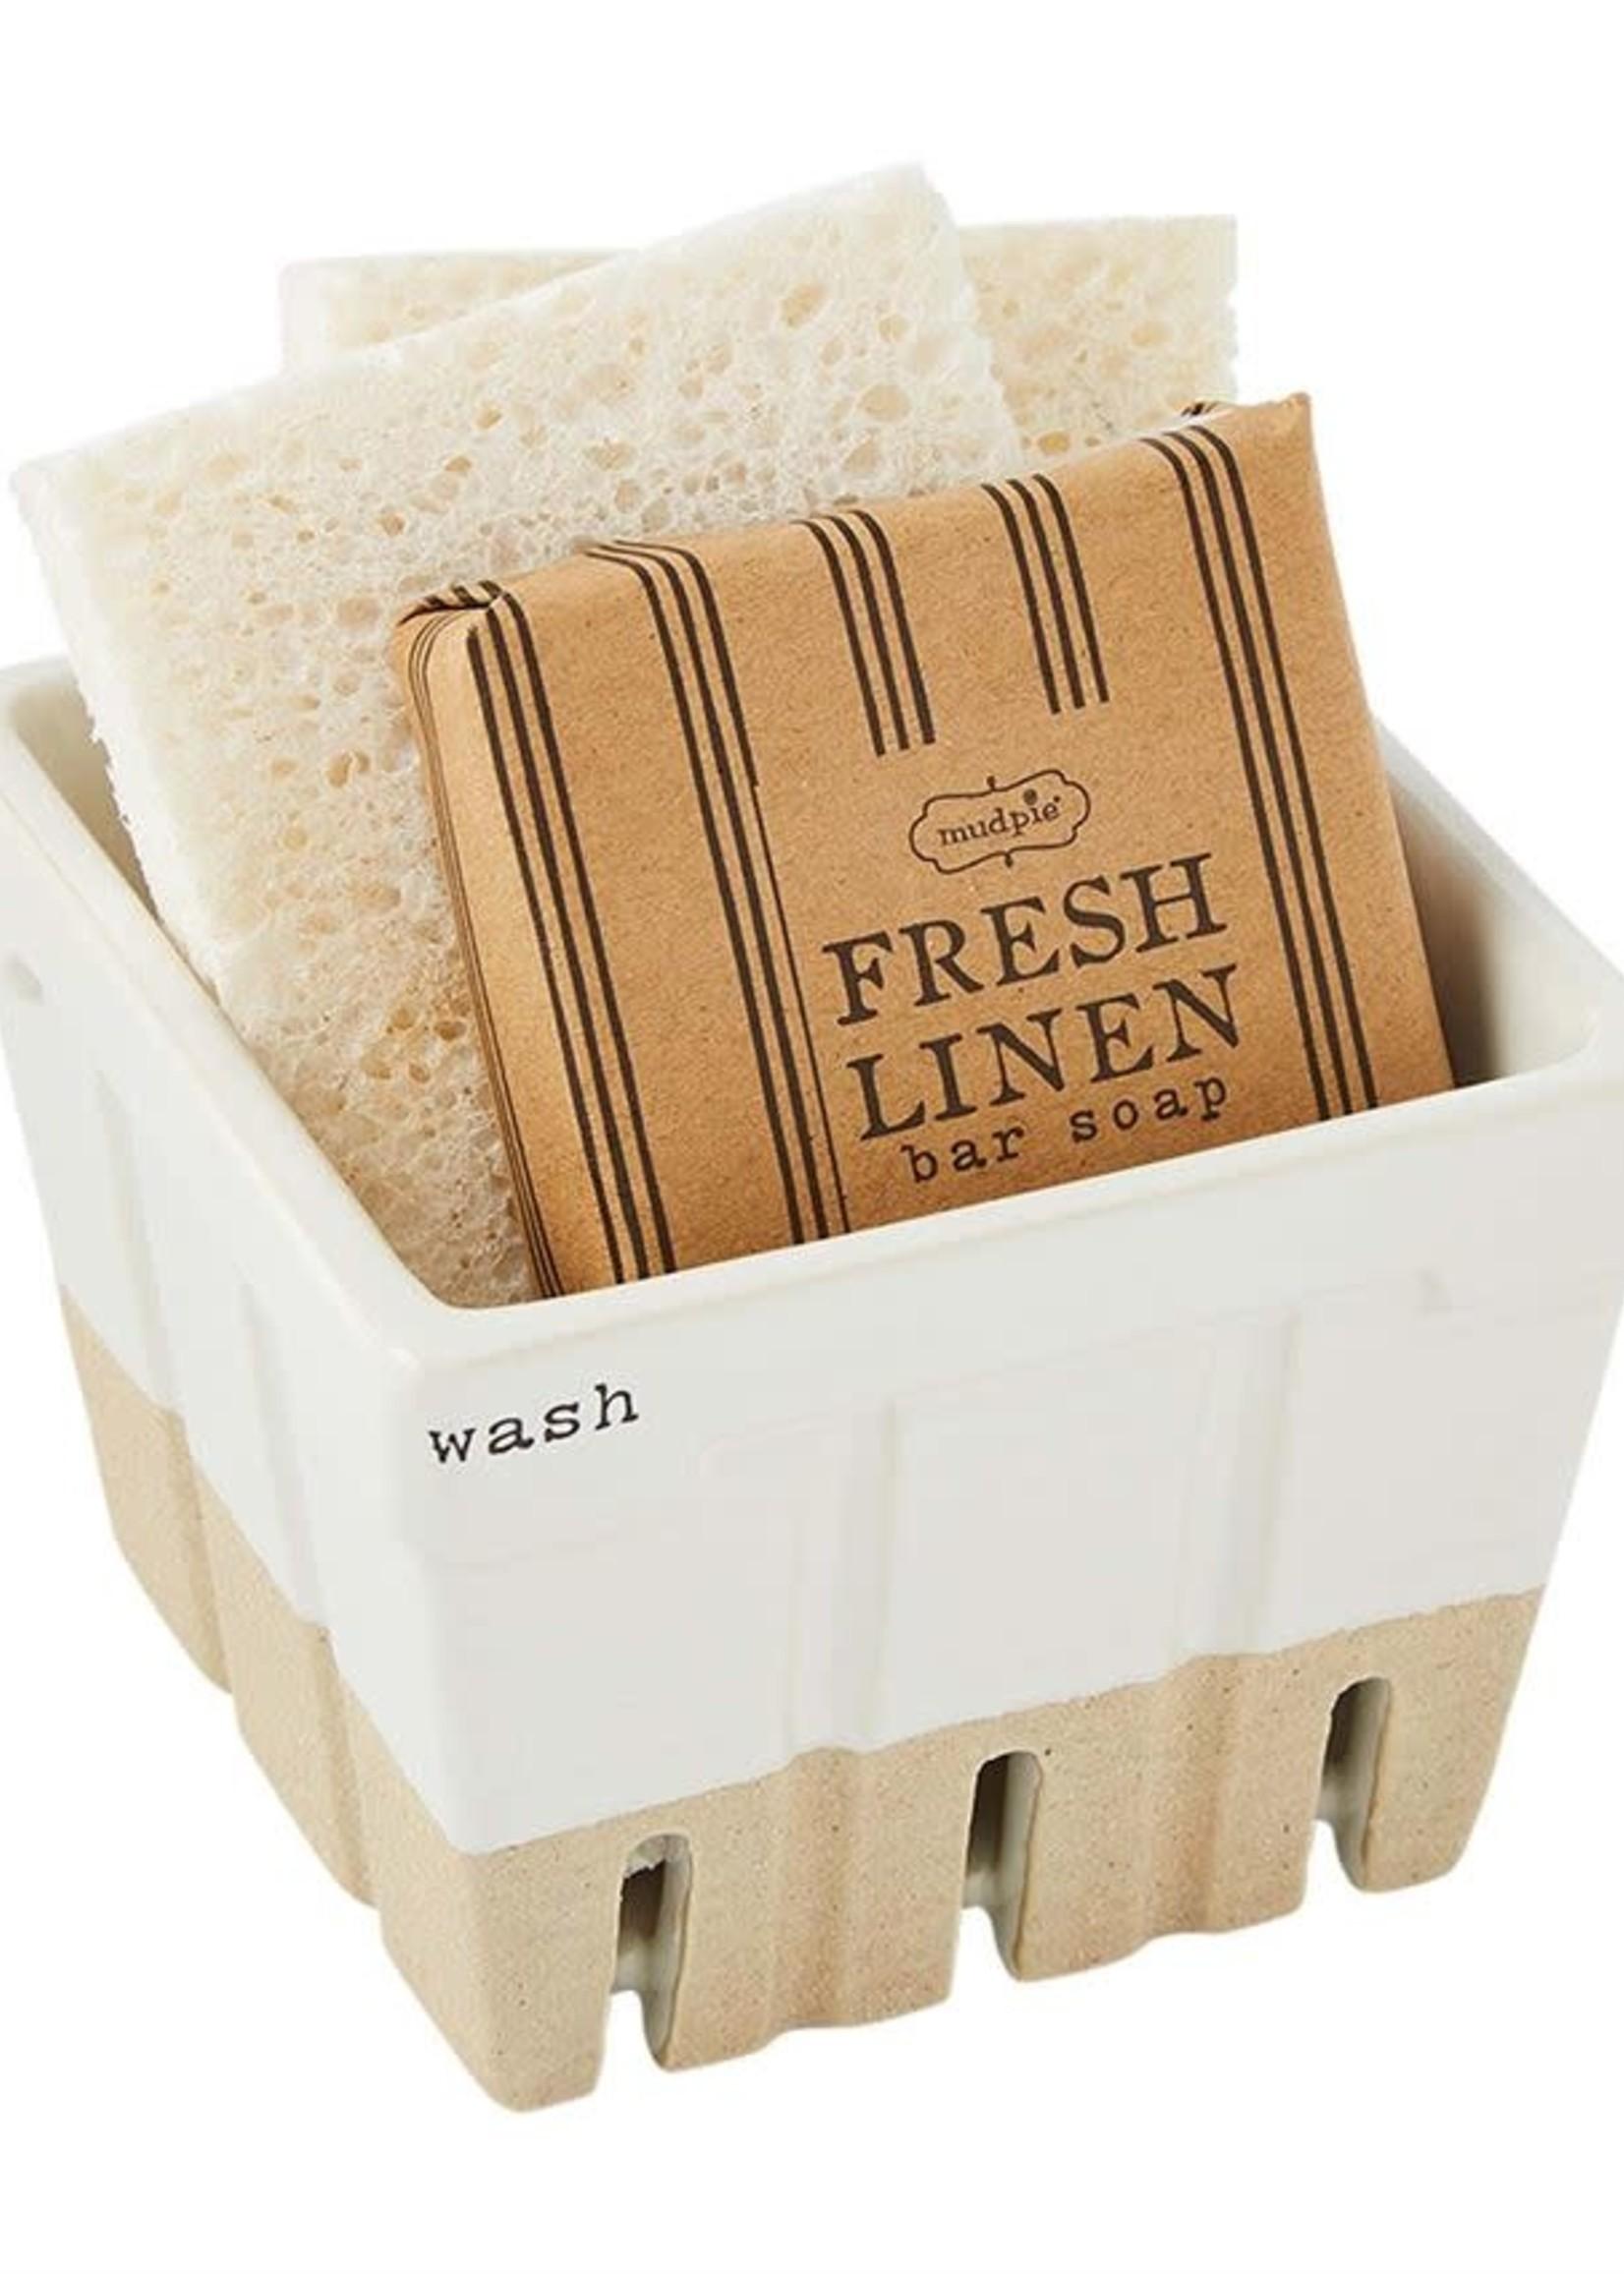 Wash Soap & Sponge Basket